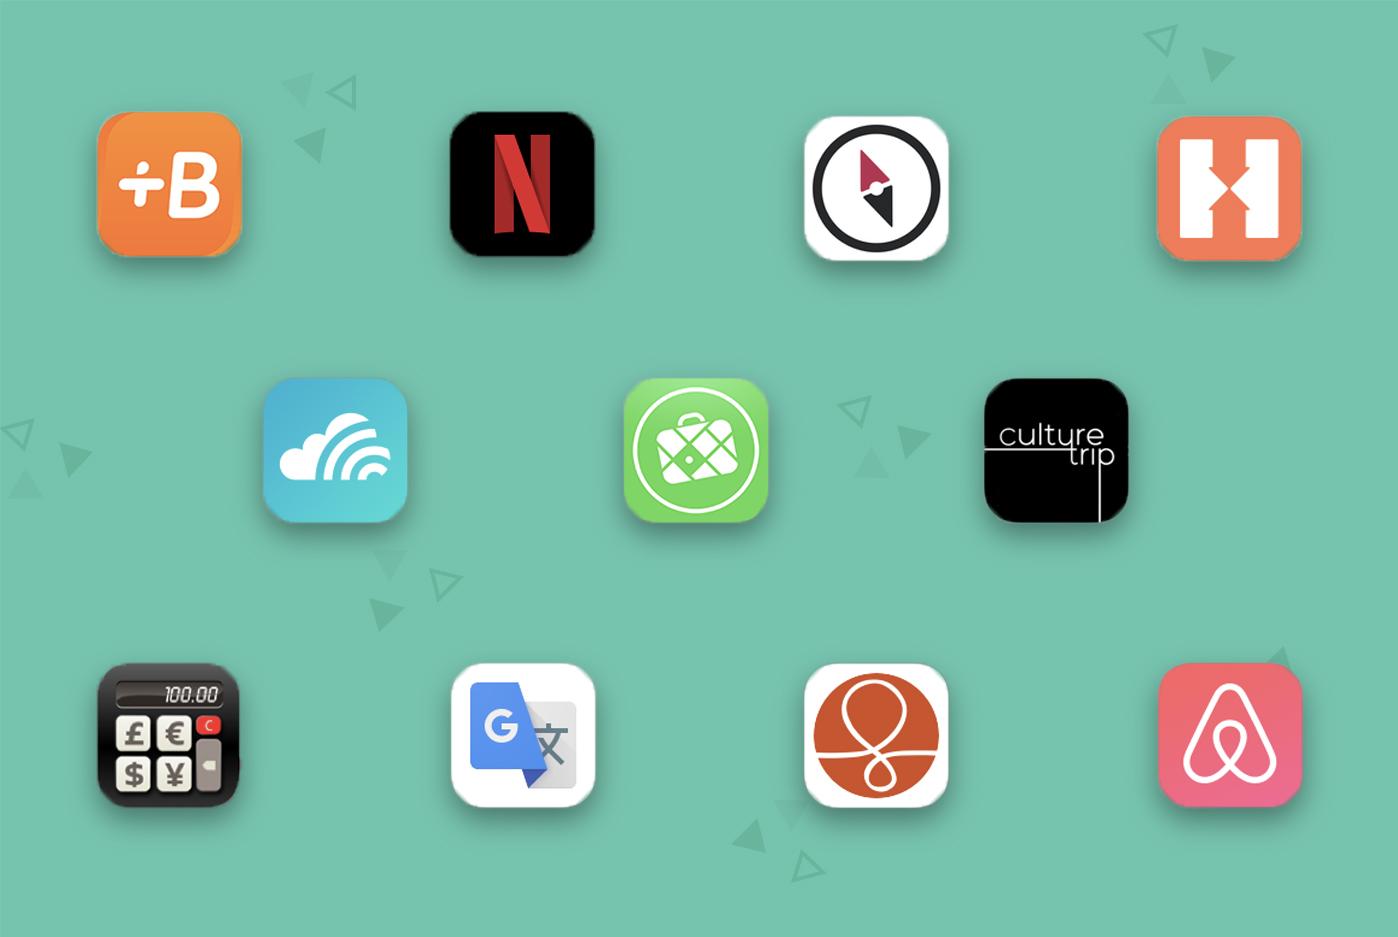 Empfolhlene_Apps